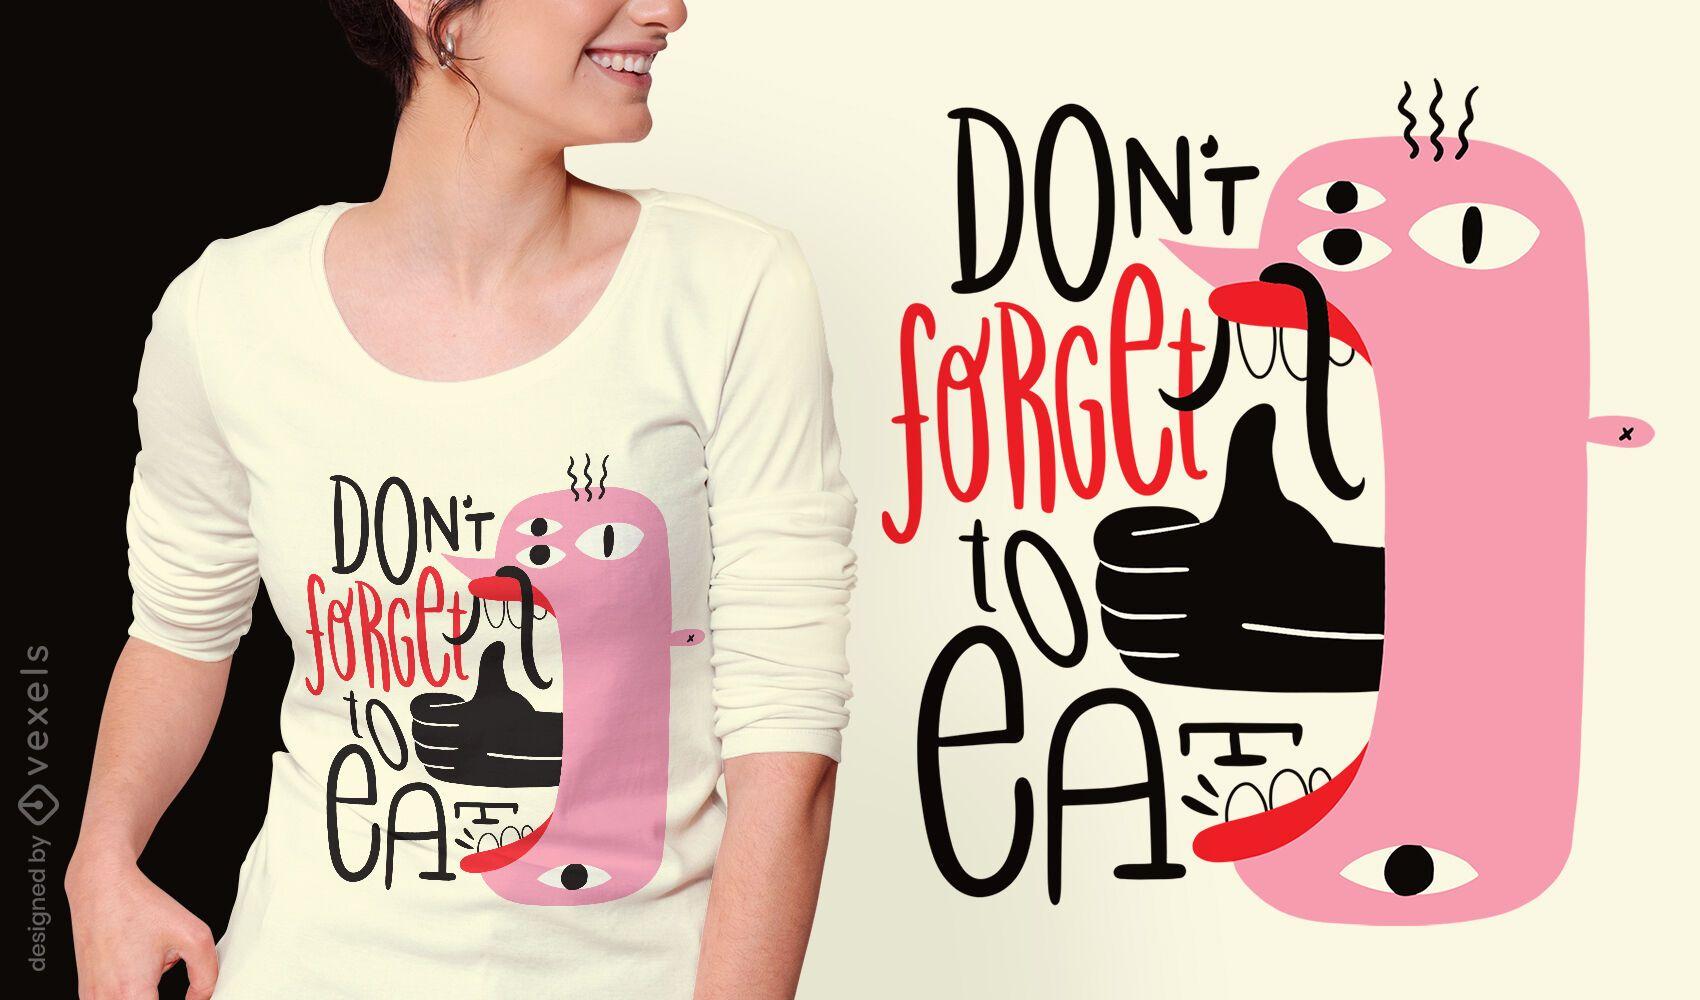 Design de camiseta com mensagem positiva de criatura